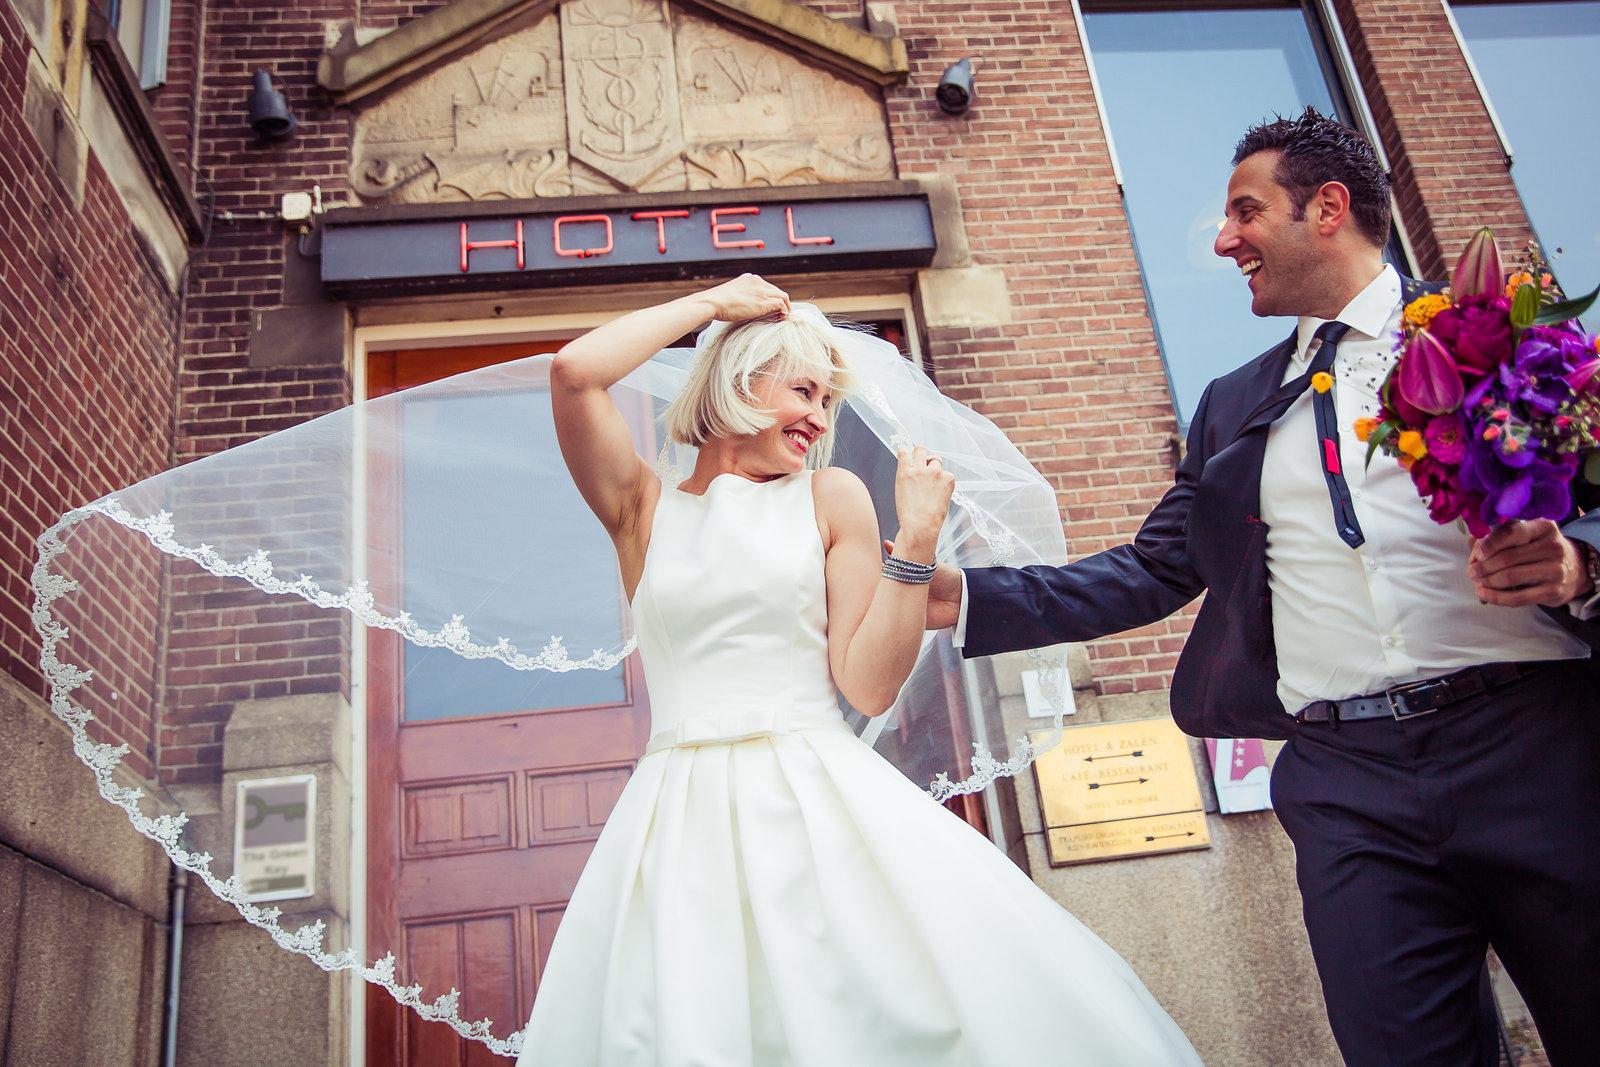 De sluier van de bruid vangt wind. Bruidegom heeft trouwboeket in handen met verschillende bloemen  in roodtinten. Hotel New York Rotterdam Copyright Nanda Zee-Fritse | FOTOZEE